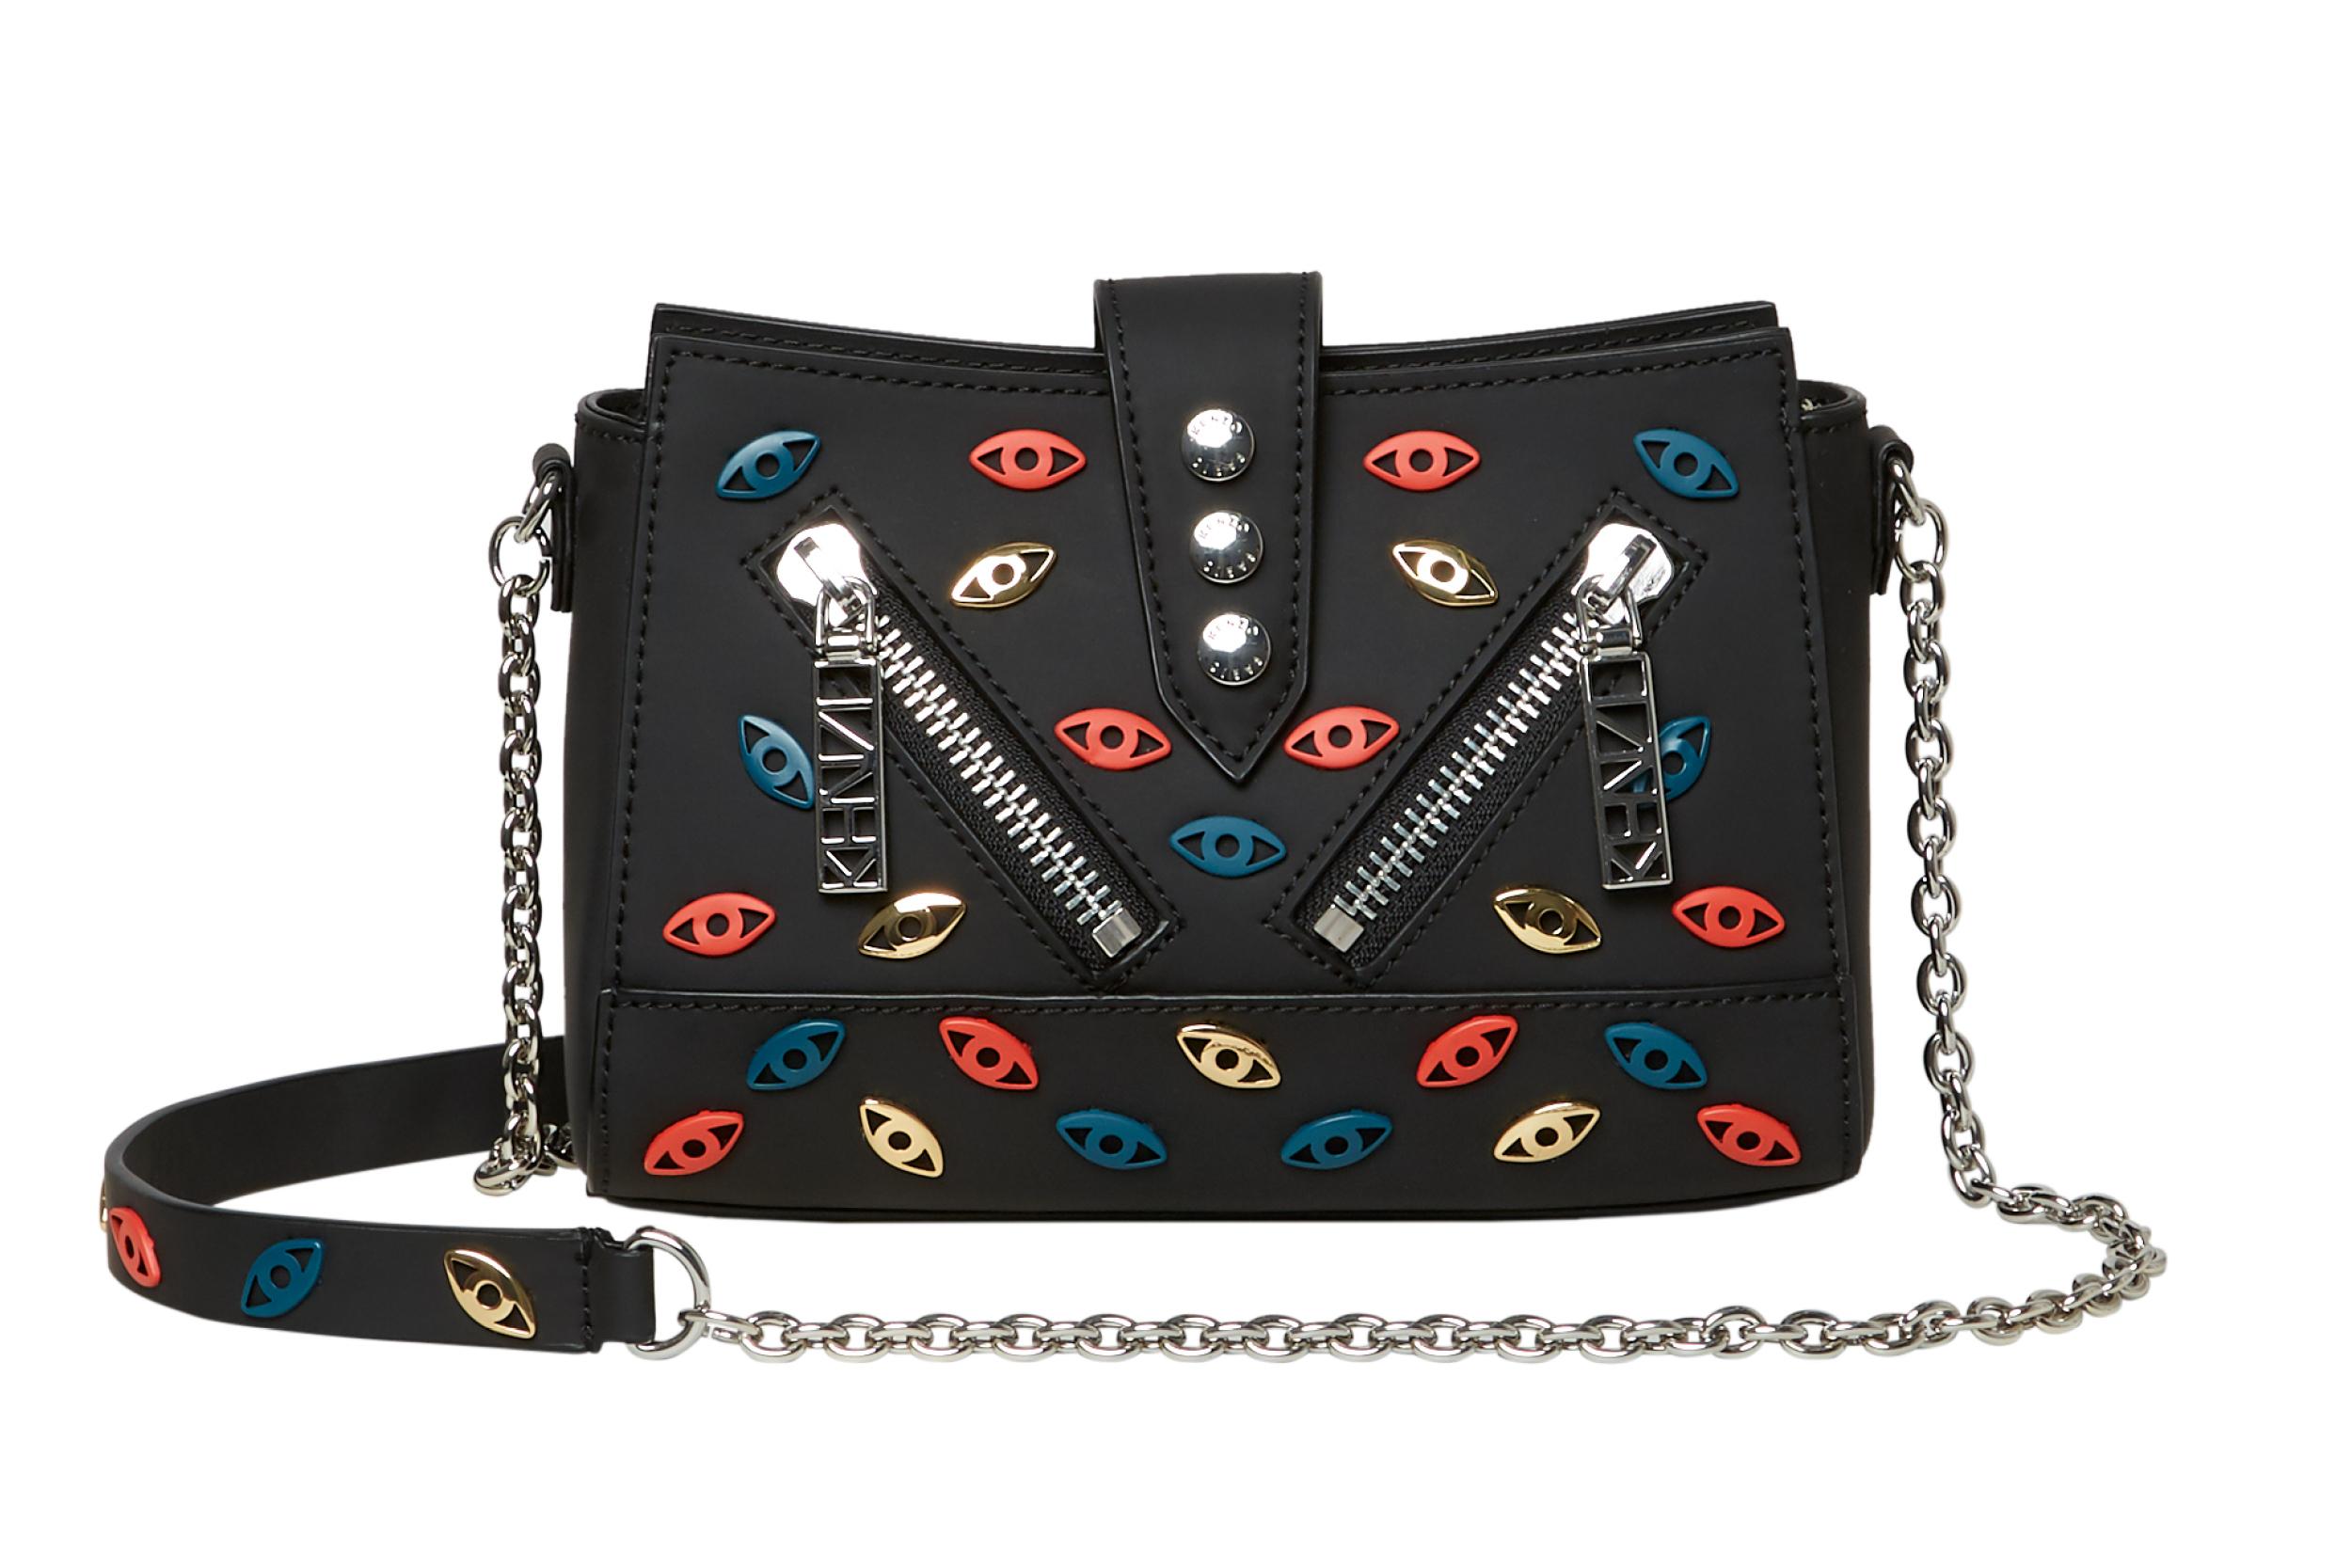 Tasche von Kenzo - exklusiv designt für Galeries Lafayette